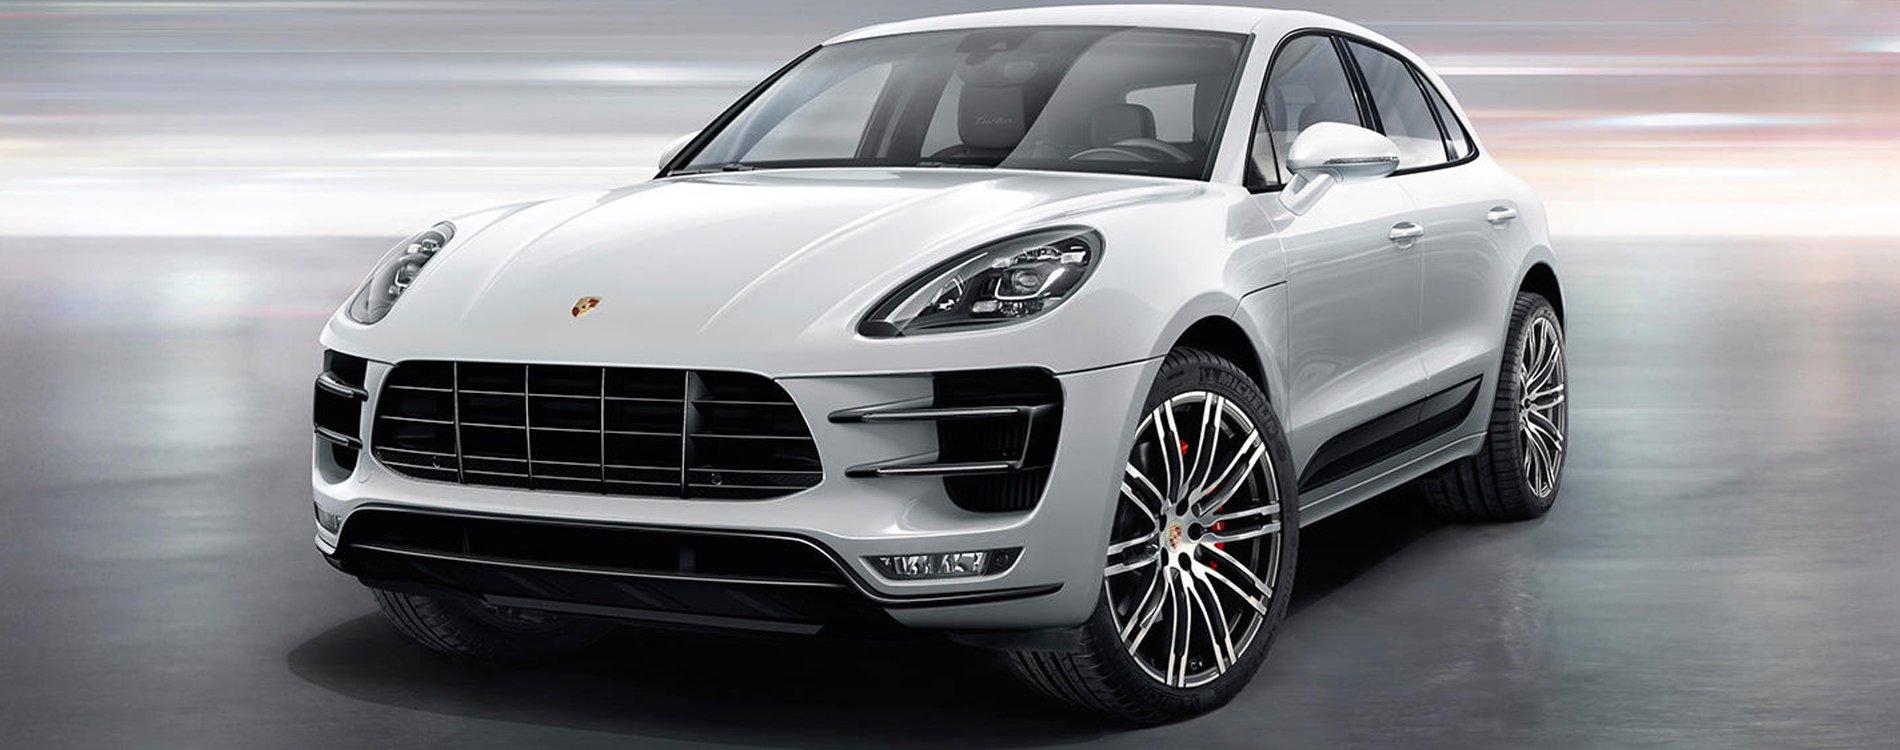 Porsche Macan 2016, la renovación de una gama